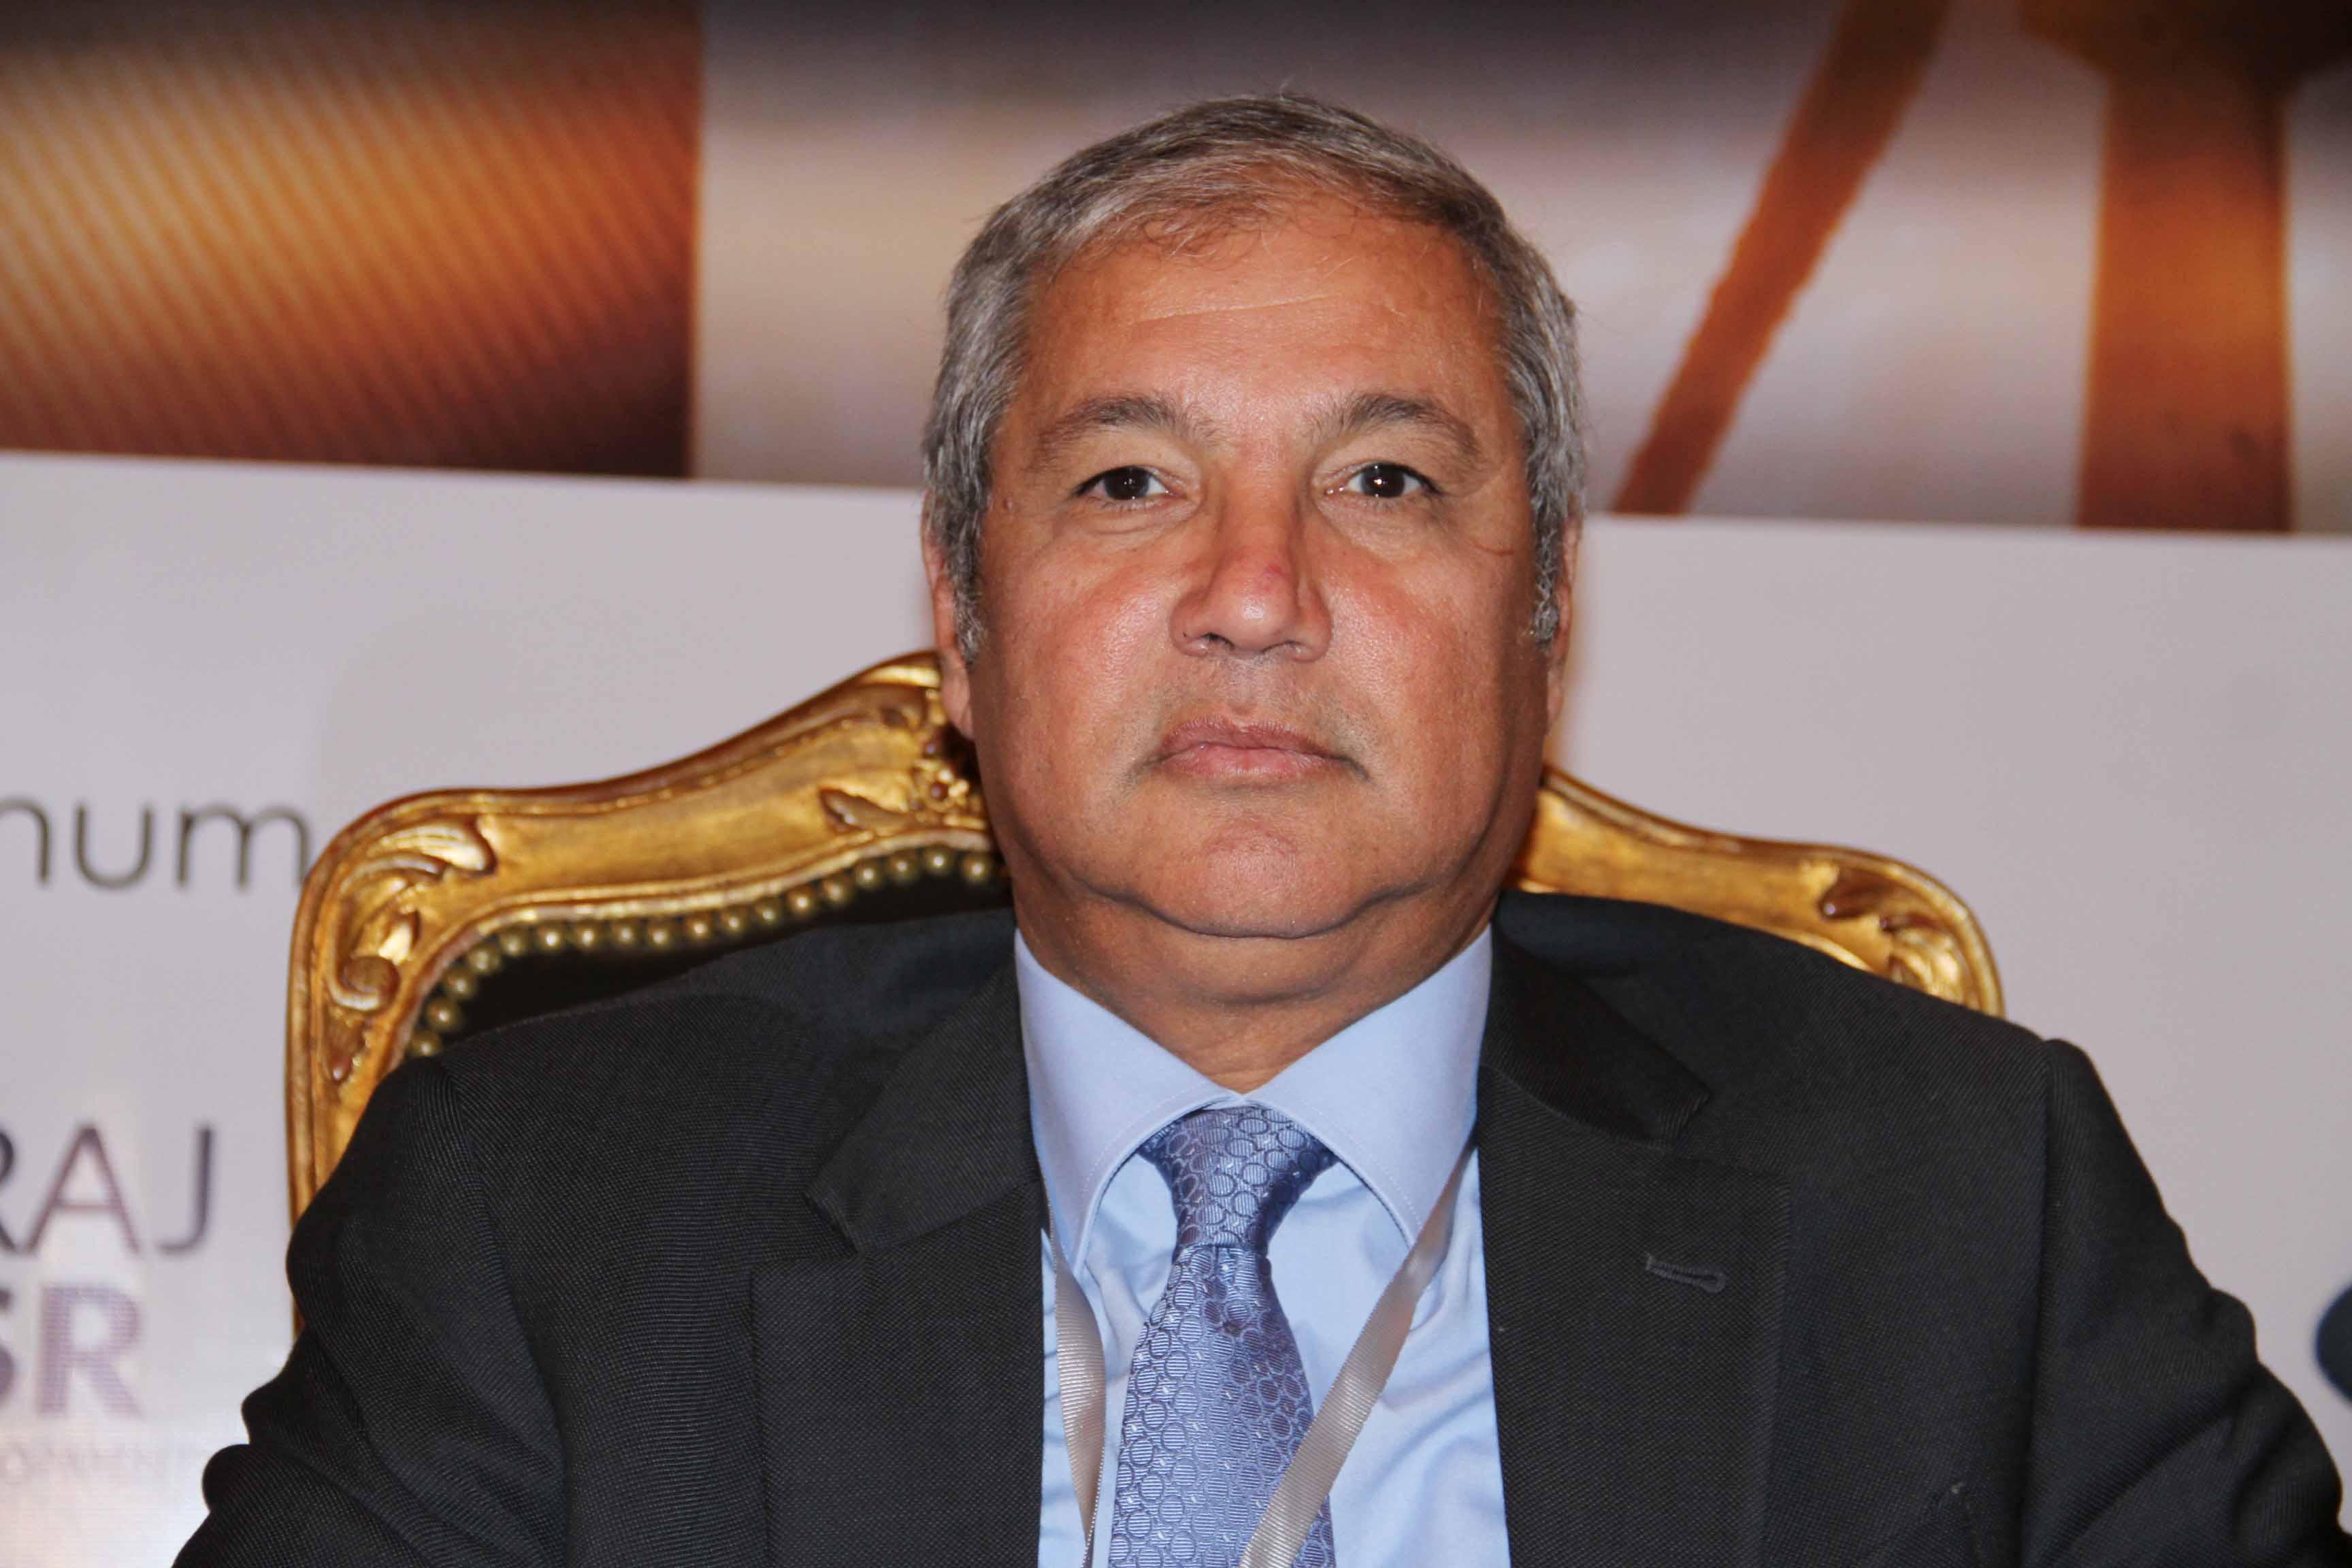 خبير الطاقة ورئيس مجلس إدارة الشركة القابضة للغازات